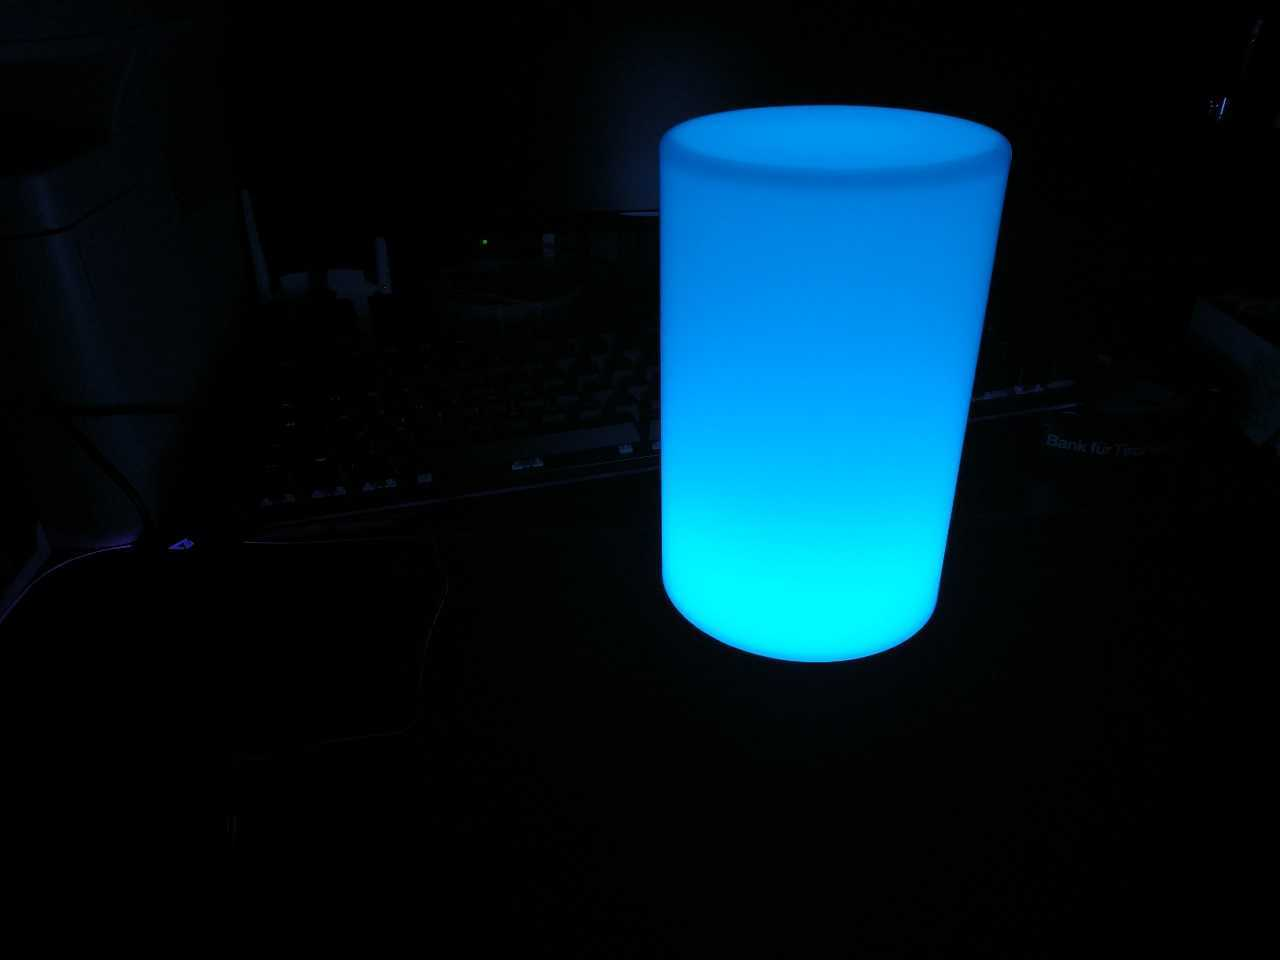 Recensione AUKEY LT-T6: la lampada notturna elegante e colorata